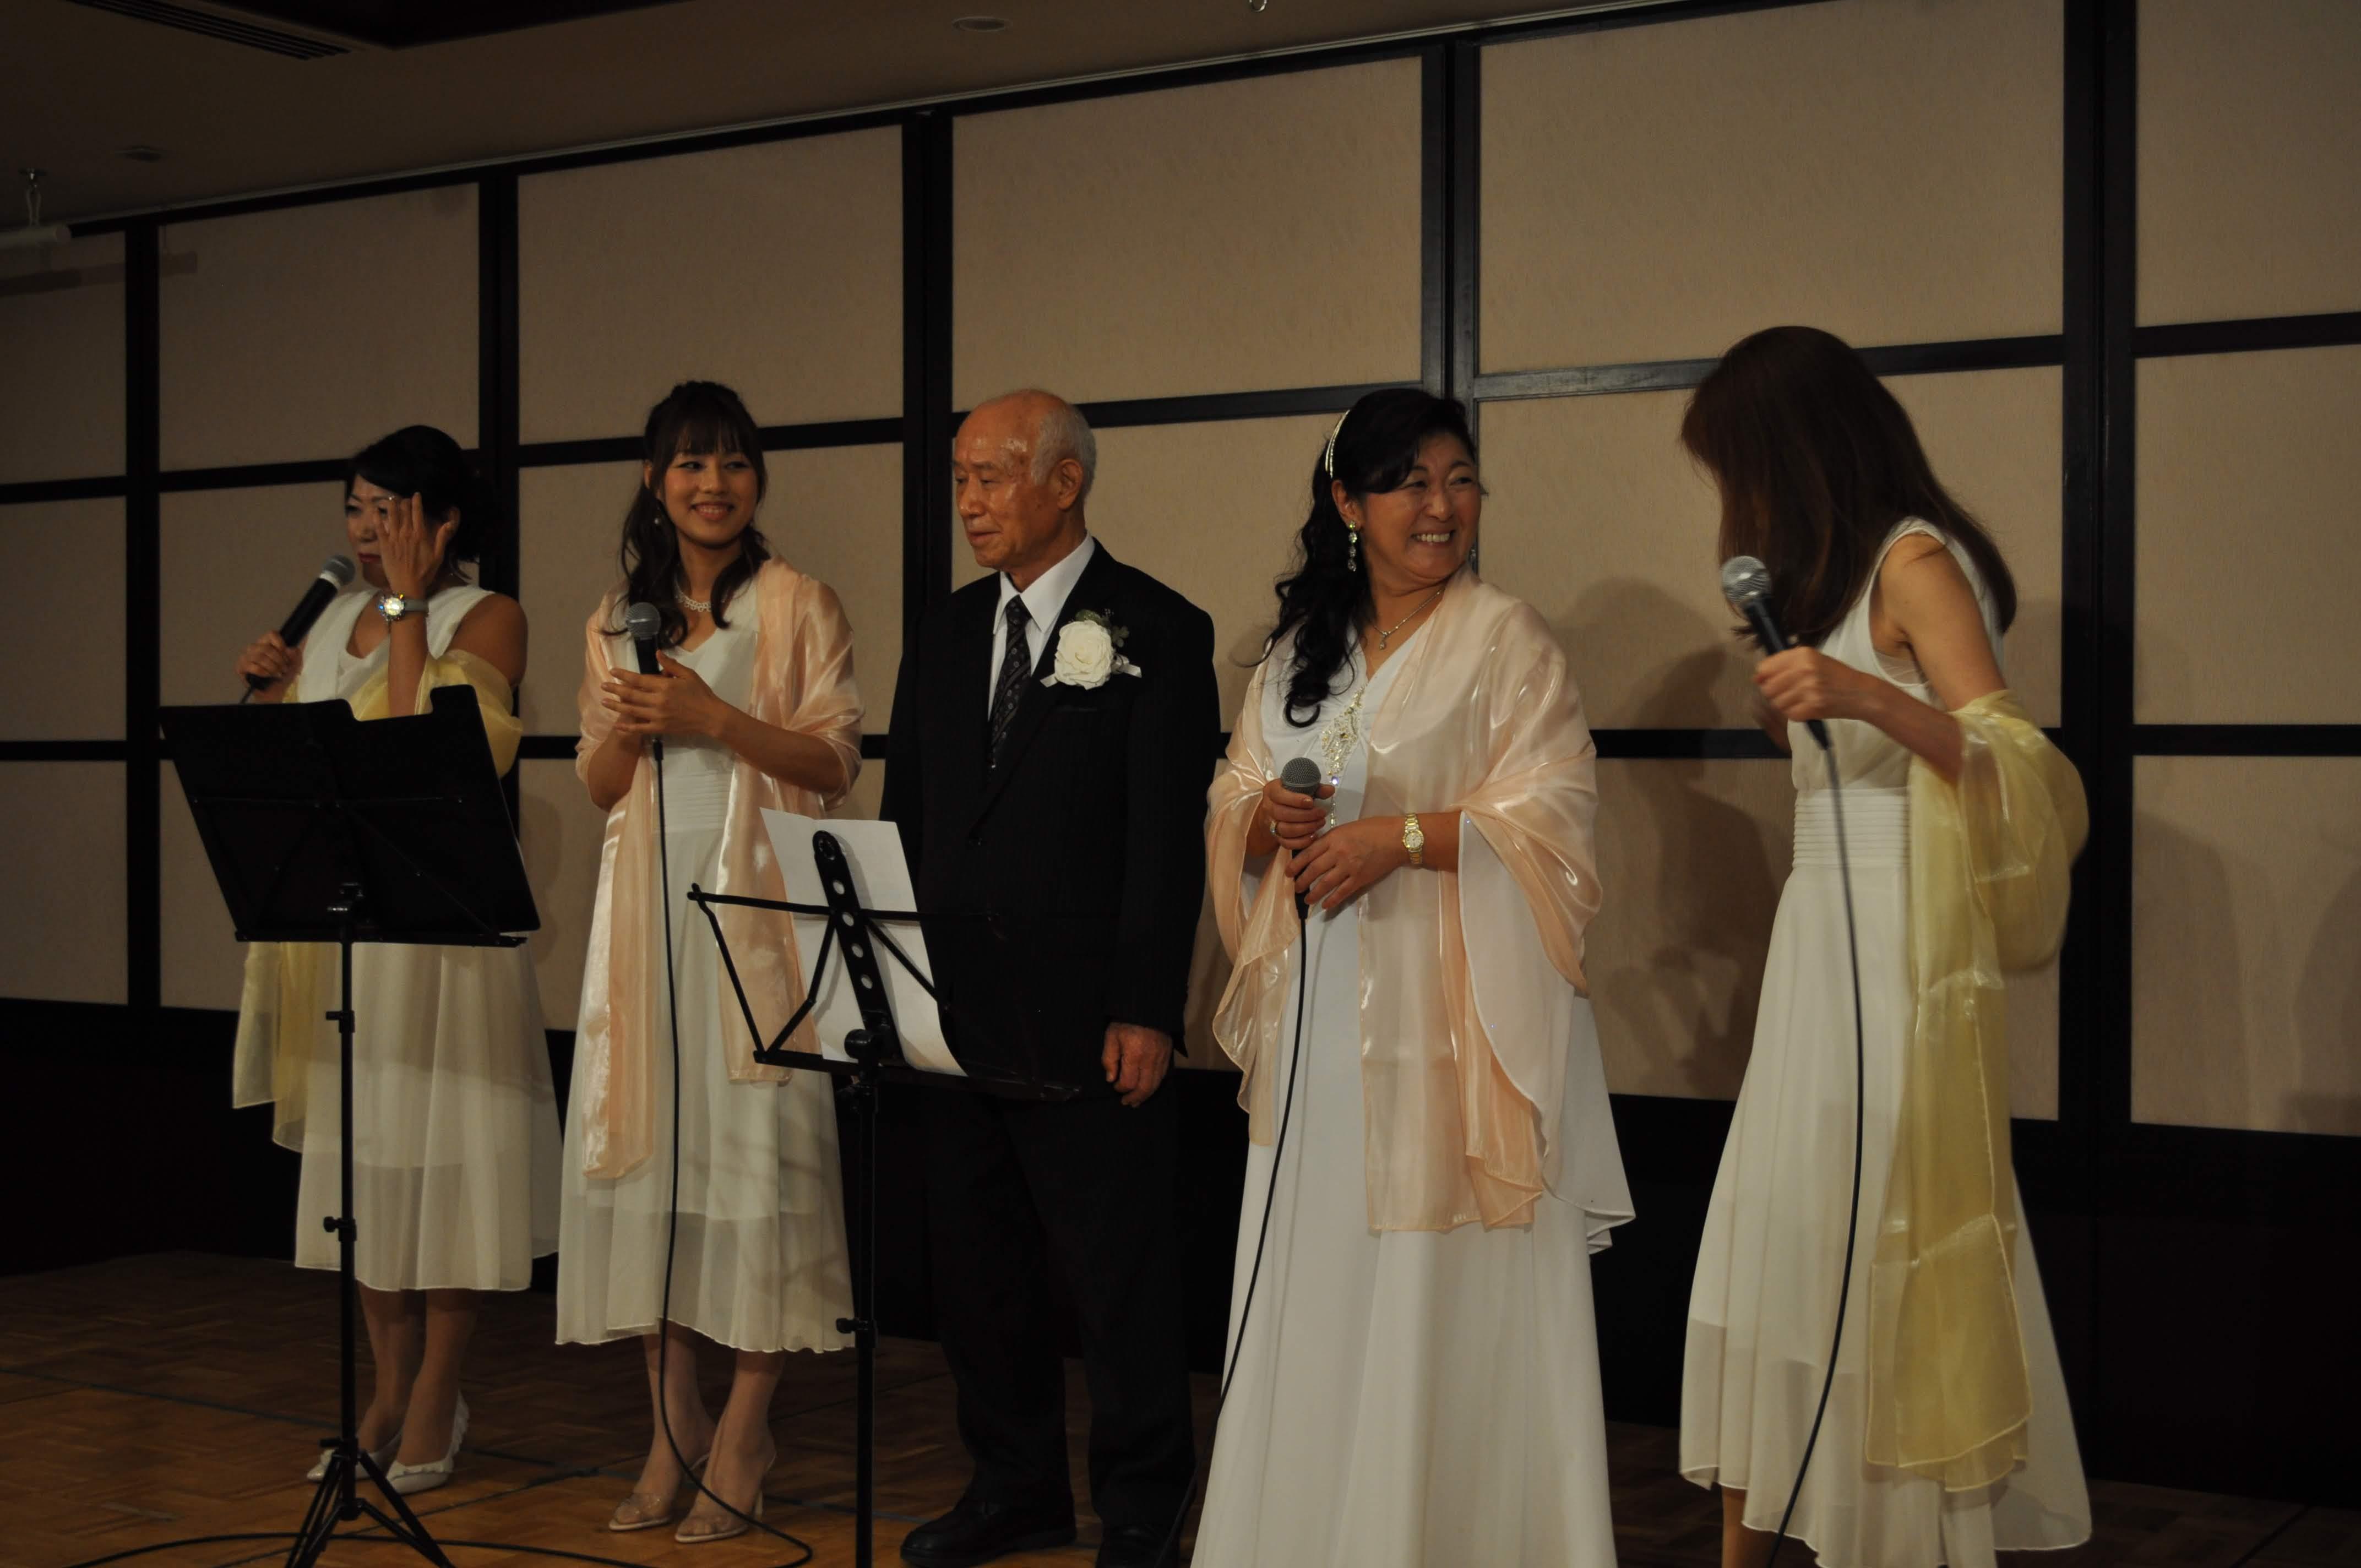 DSC 0514 1 - 思風会全国大会in広島